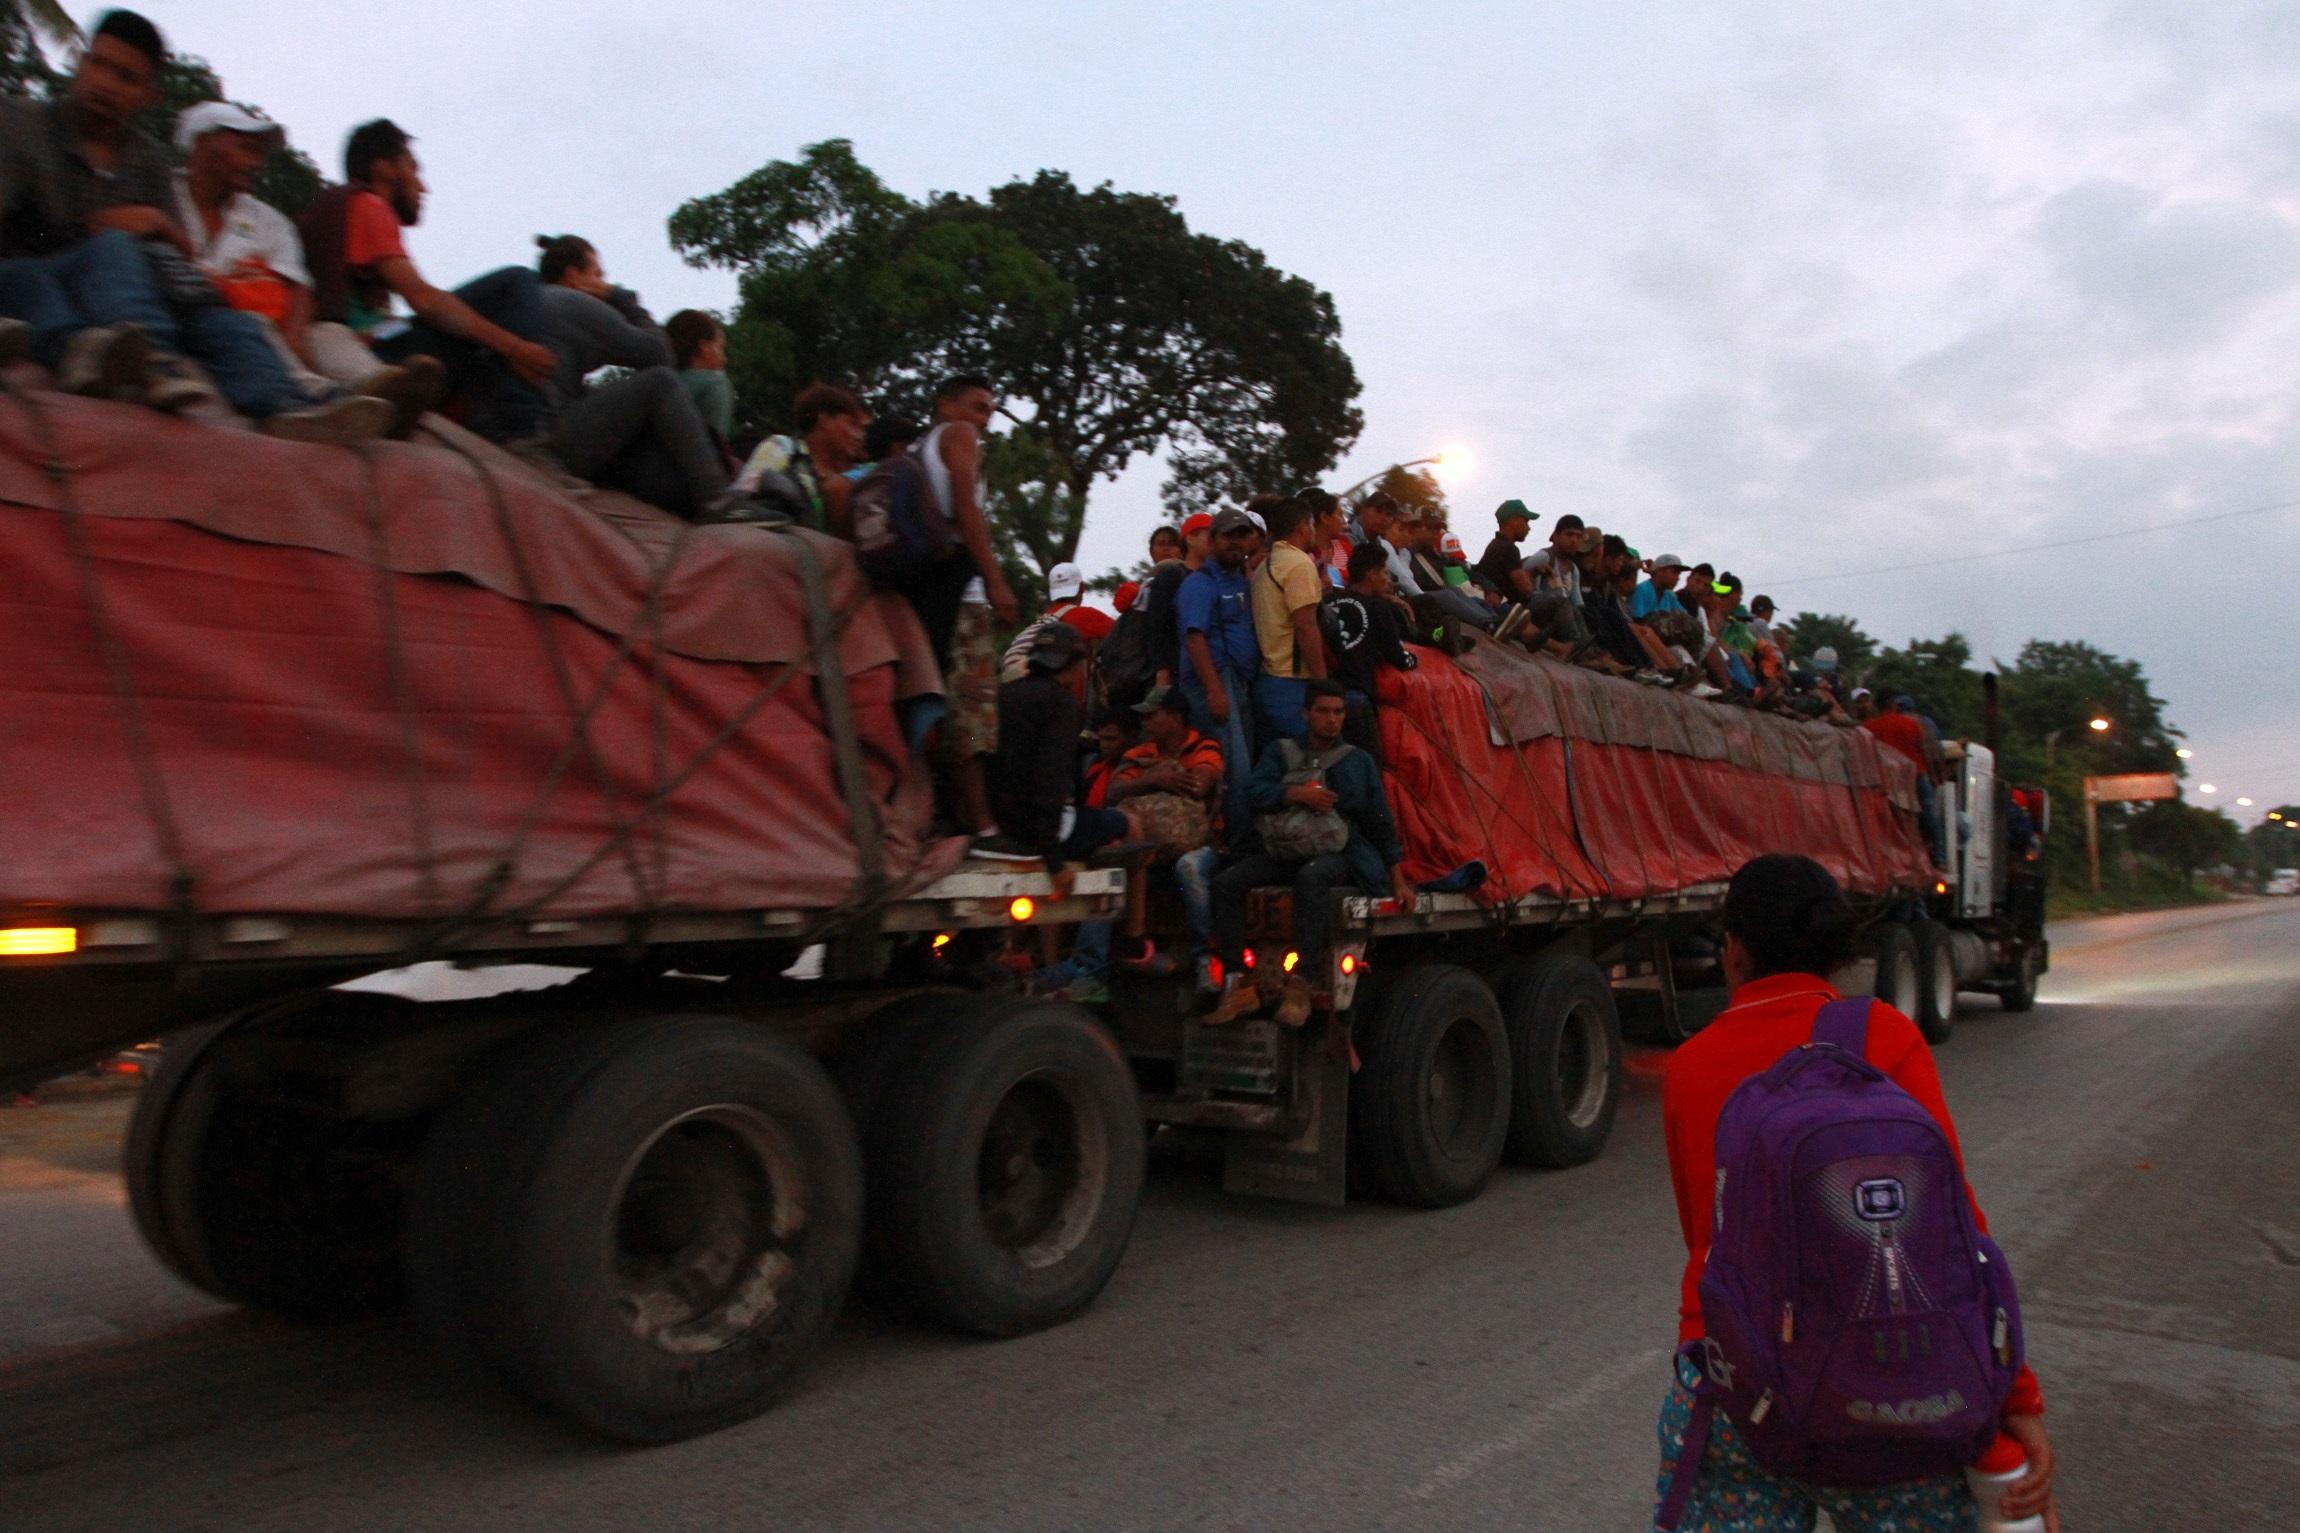 Caravana migrante, en Sayula y Acayucan, Veracruz